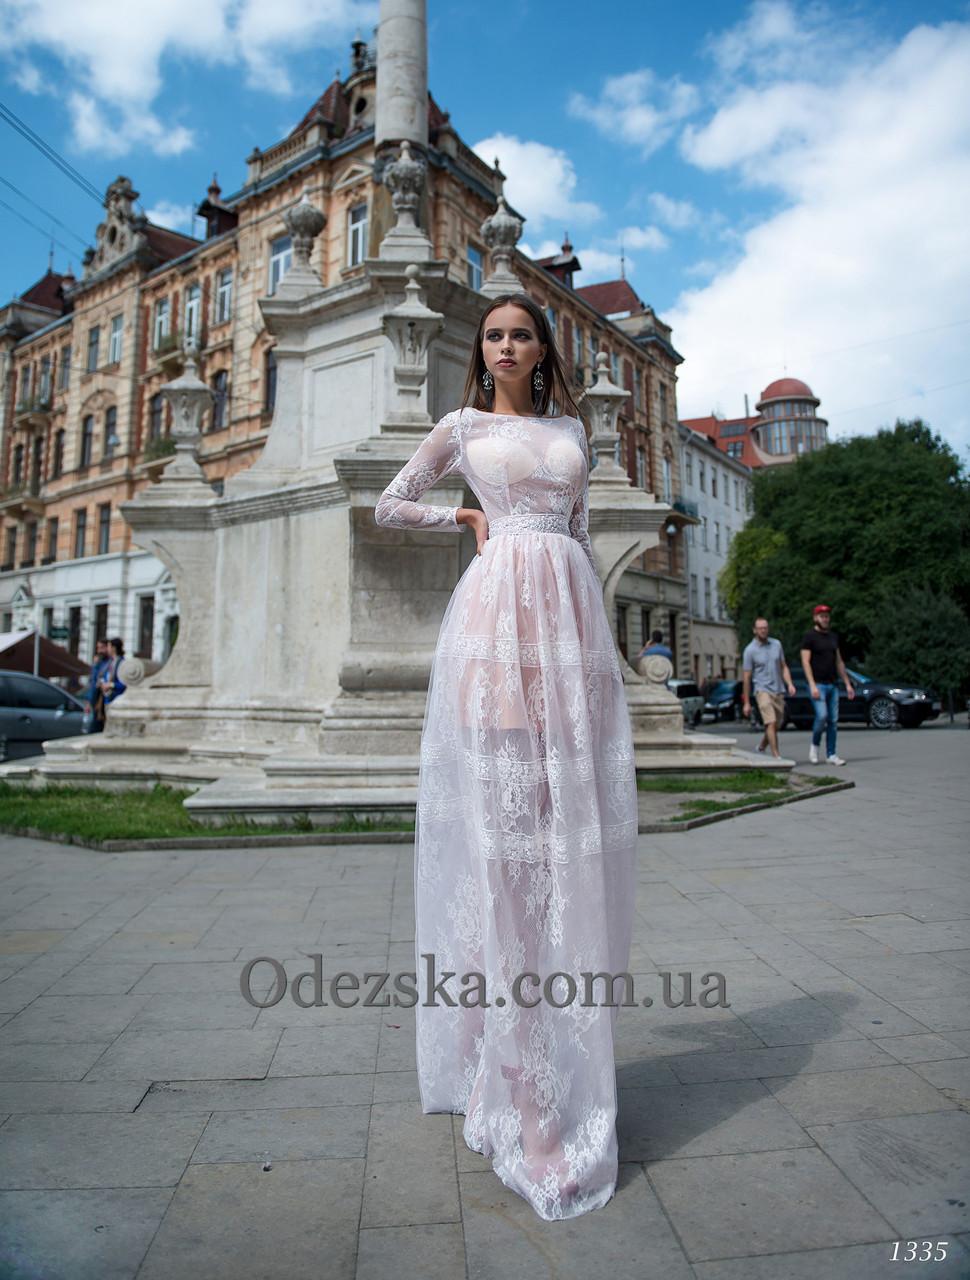 d23b3b811fa Нежное прозрачное платье с длинным рукавом - Интернет-магазин ОДЁЖКА прямой  поставщик в Одессе